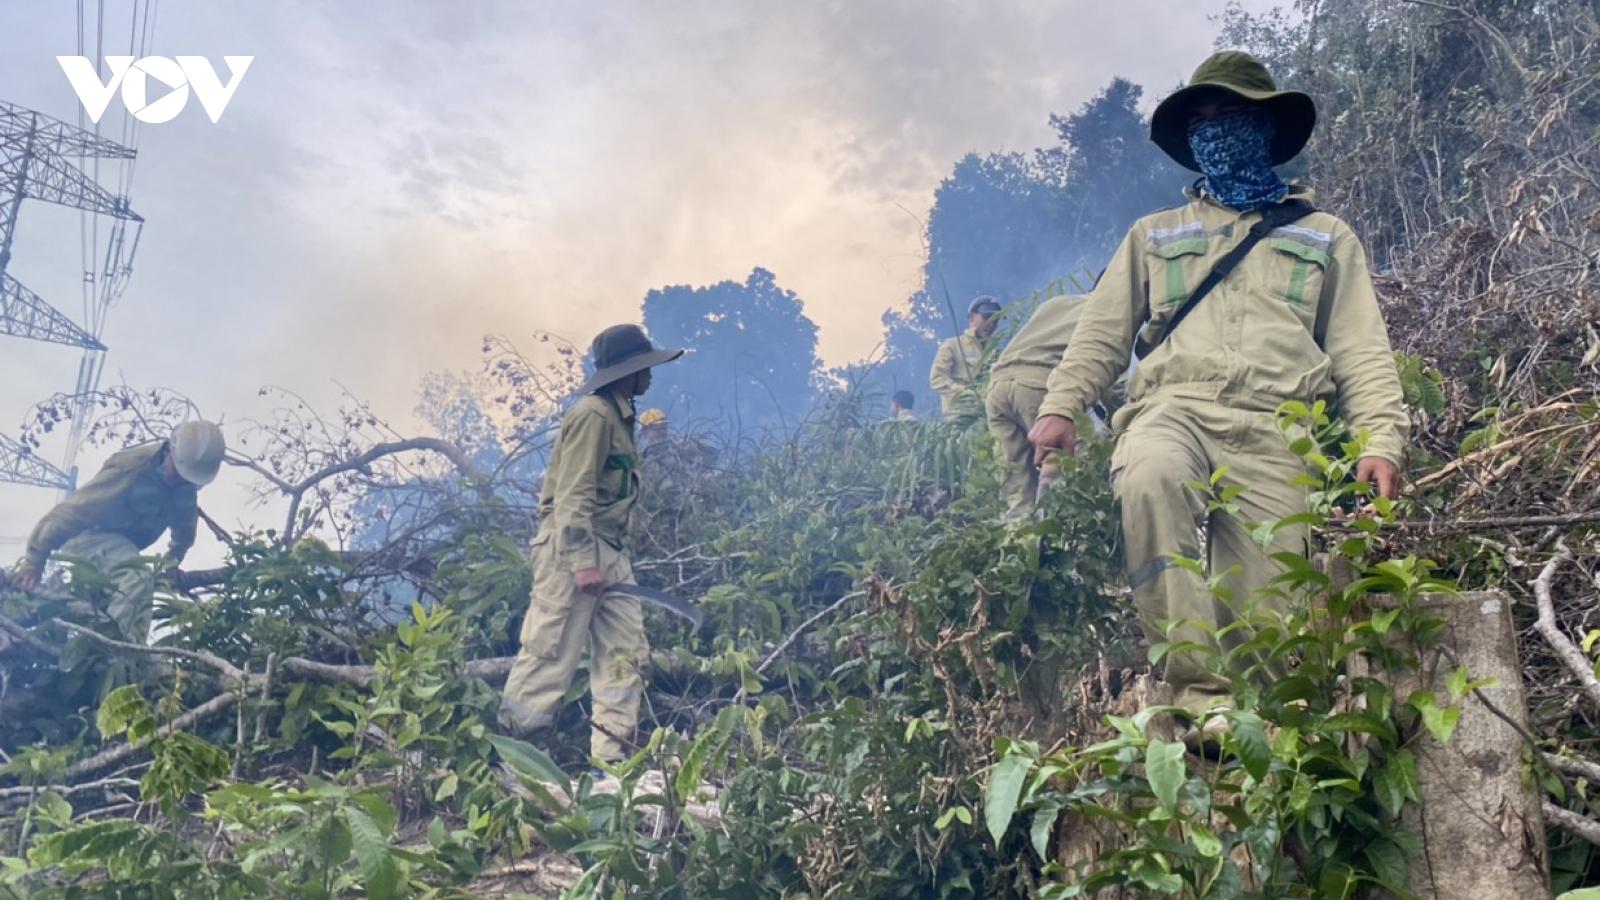 Cháy rừng gây sự cố nghiêm trọng đường dây 500kV Dốc Sỏi – Pleiku 2